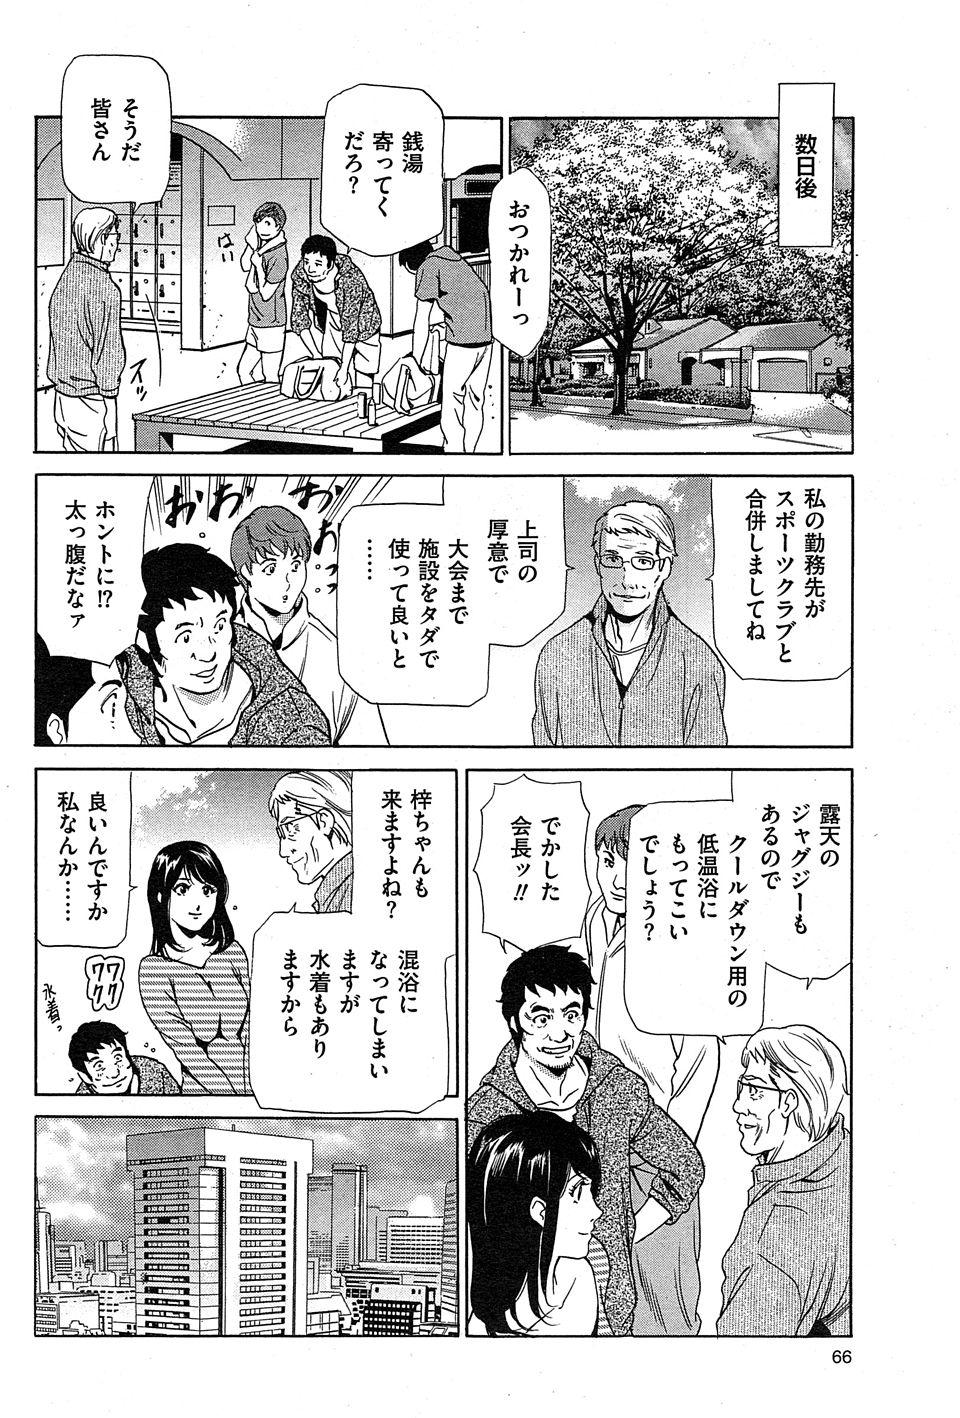 【エロ漫画・エロ同人誌】巨乳OLがジョギングの走友会仲間と乱交エッチしてるwww (6)